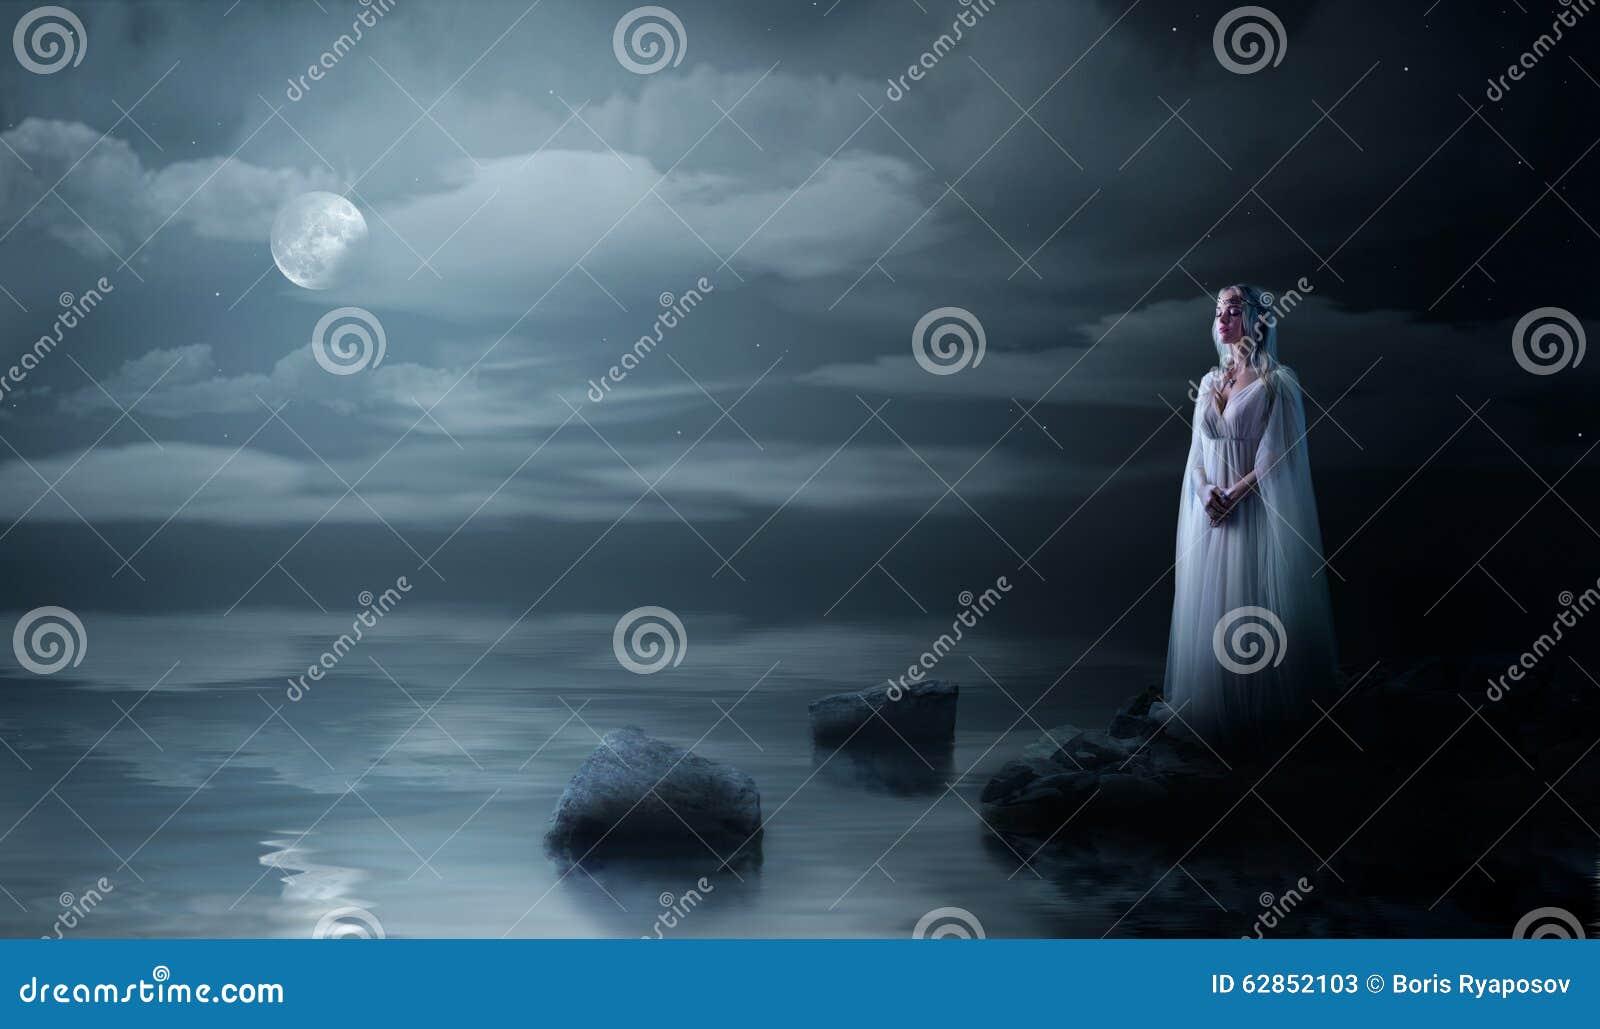 Девушка Elven на морском побережье